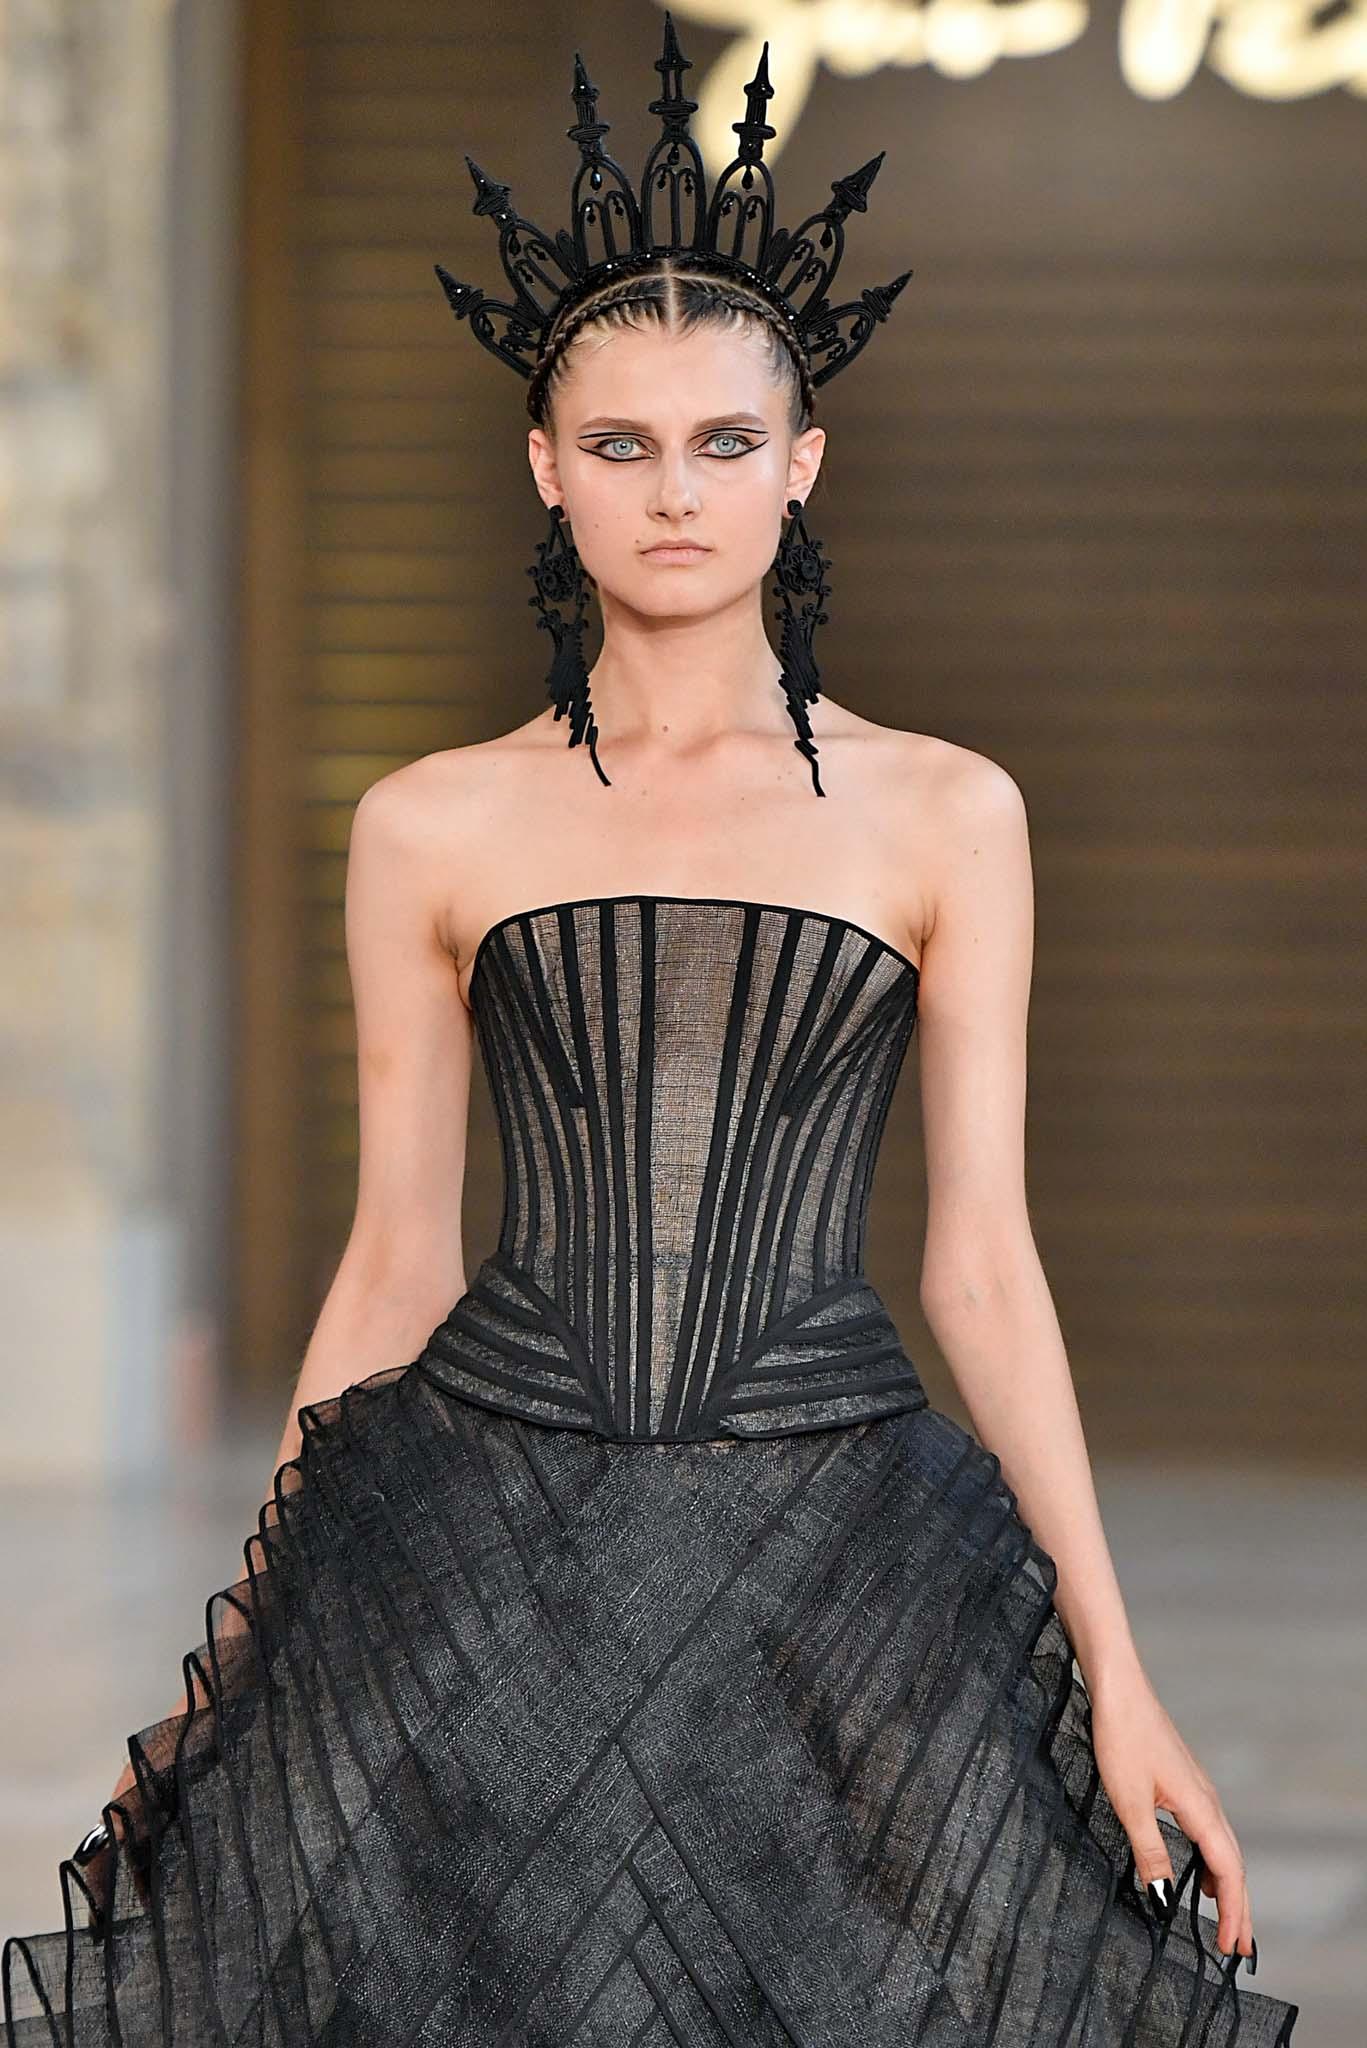 Mujer de cabello castaño oscuro, el cual casi no se ve porque está cubierto por un aplique/adorno inmenso color negro